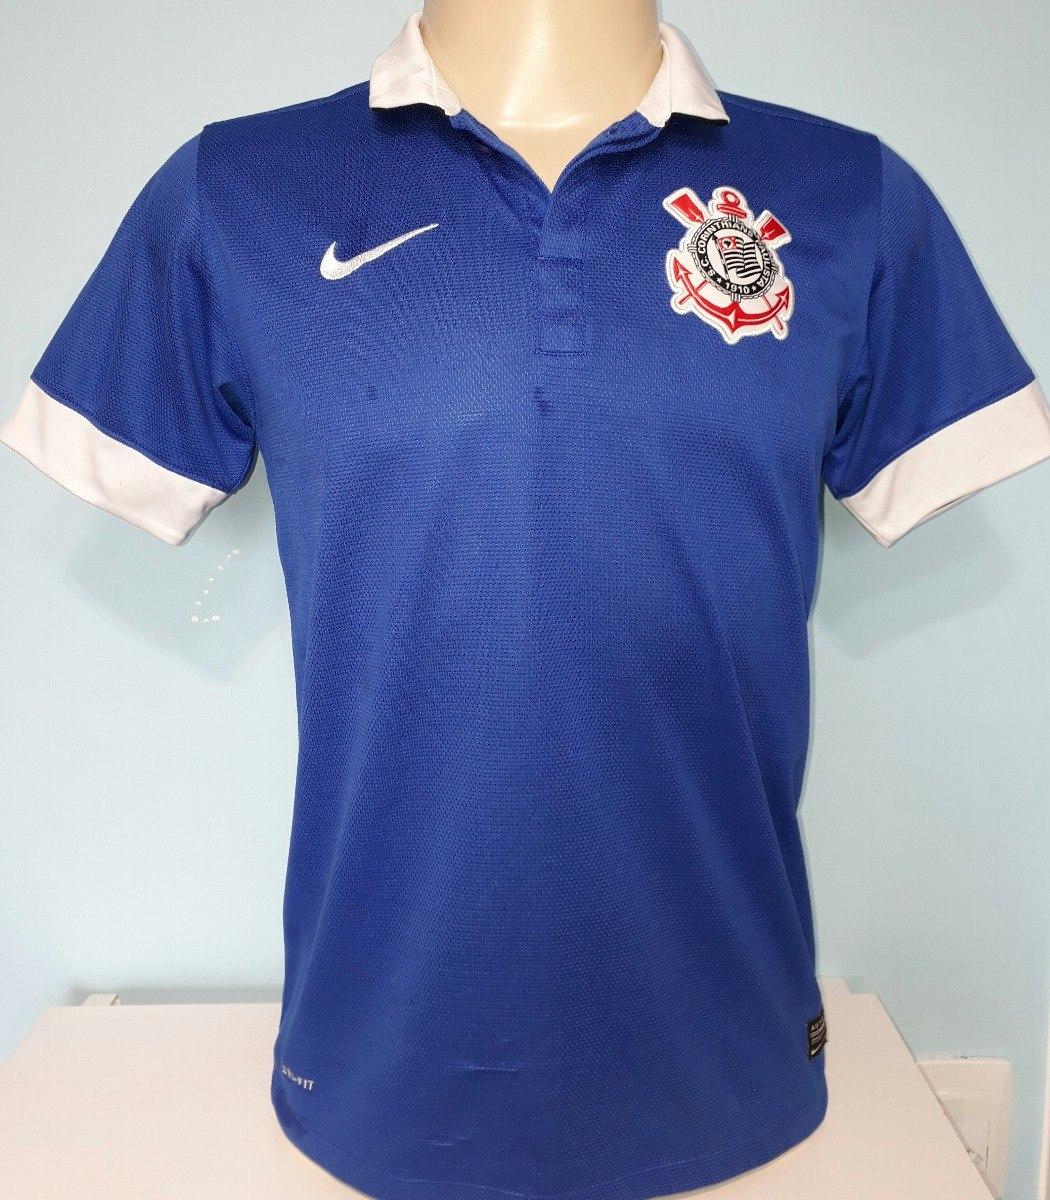 Camiseta Azul Corinthians Nike Original 2013   2014 - 58 - R  149 75803d59f424e